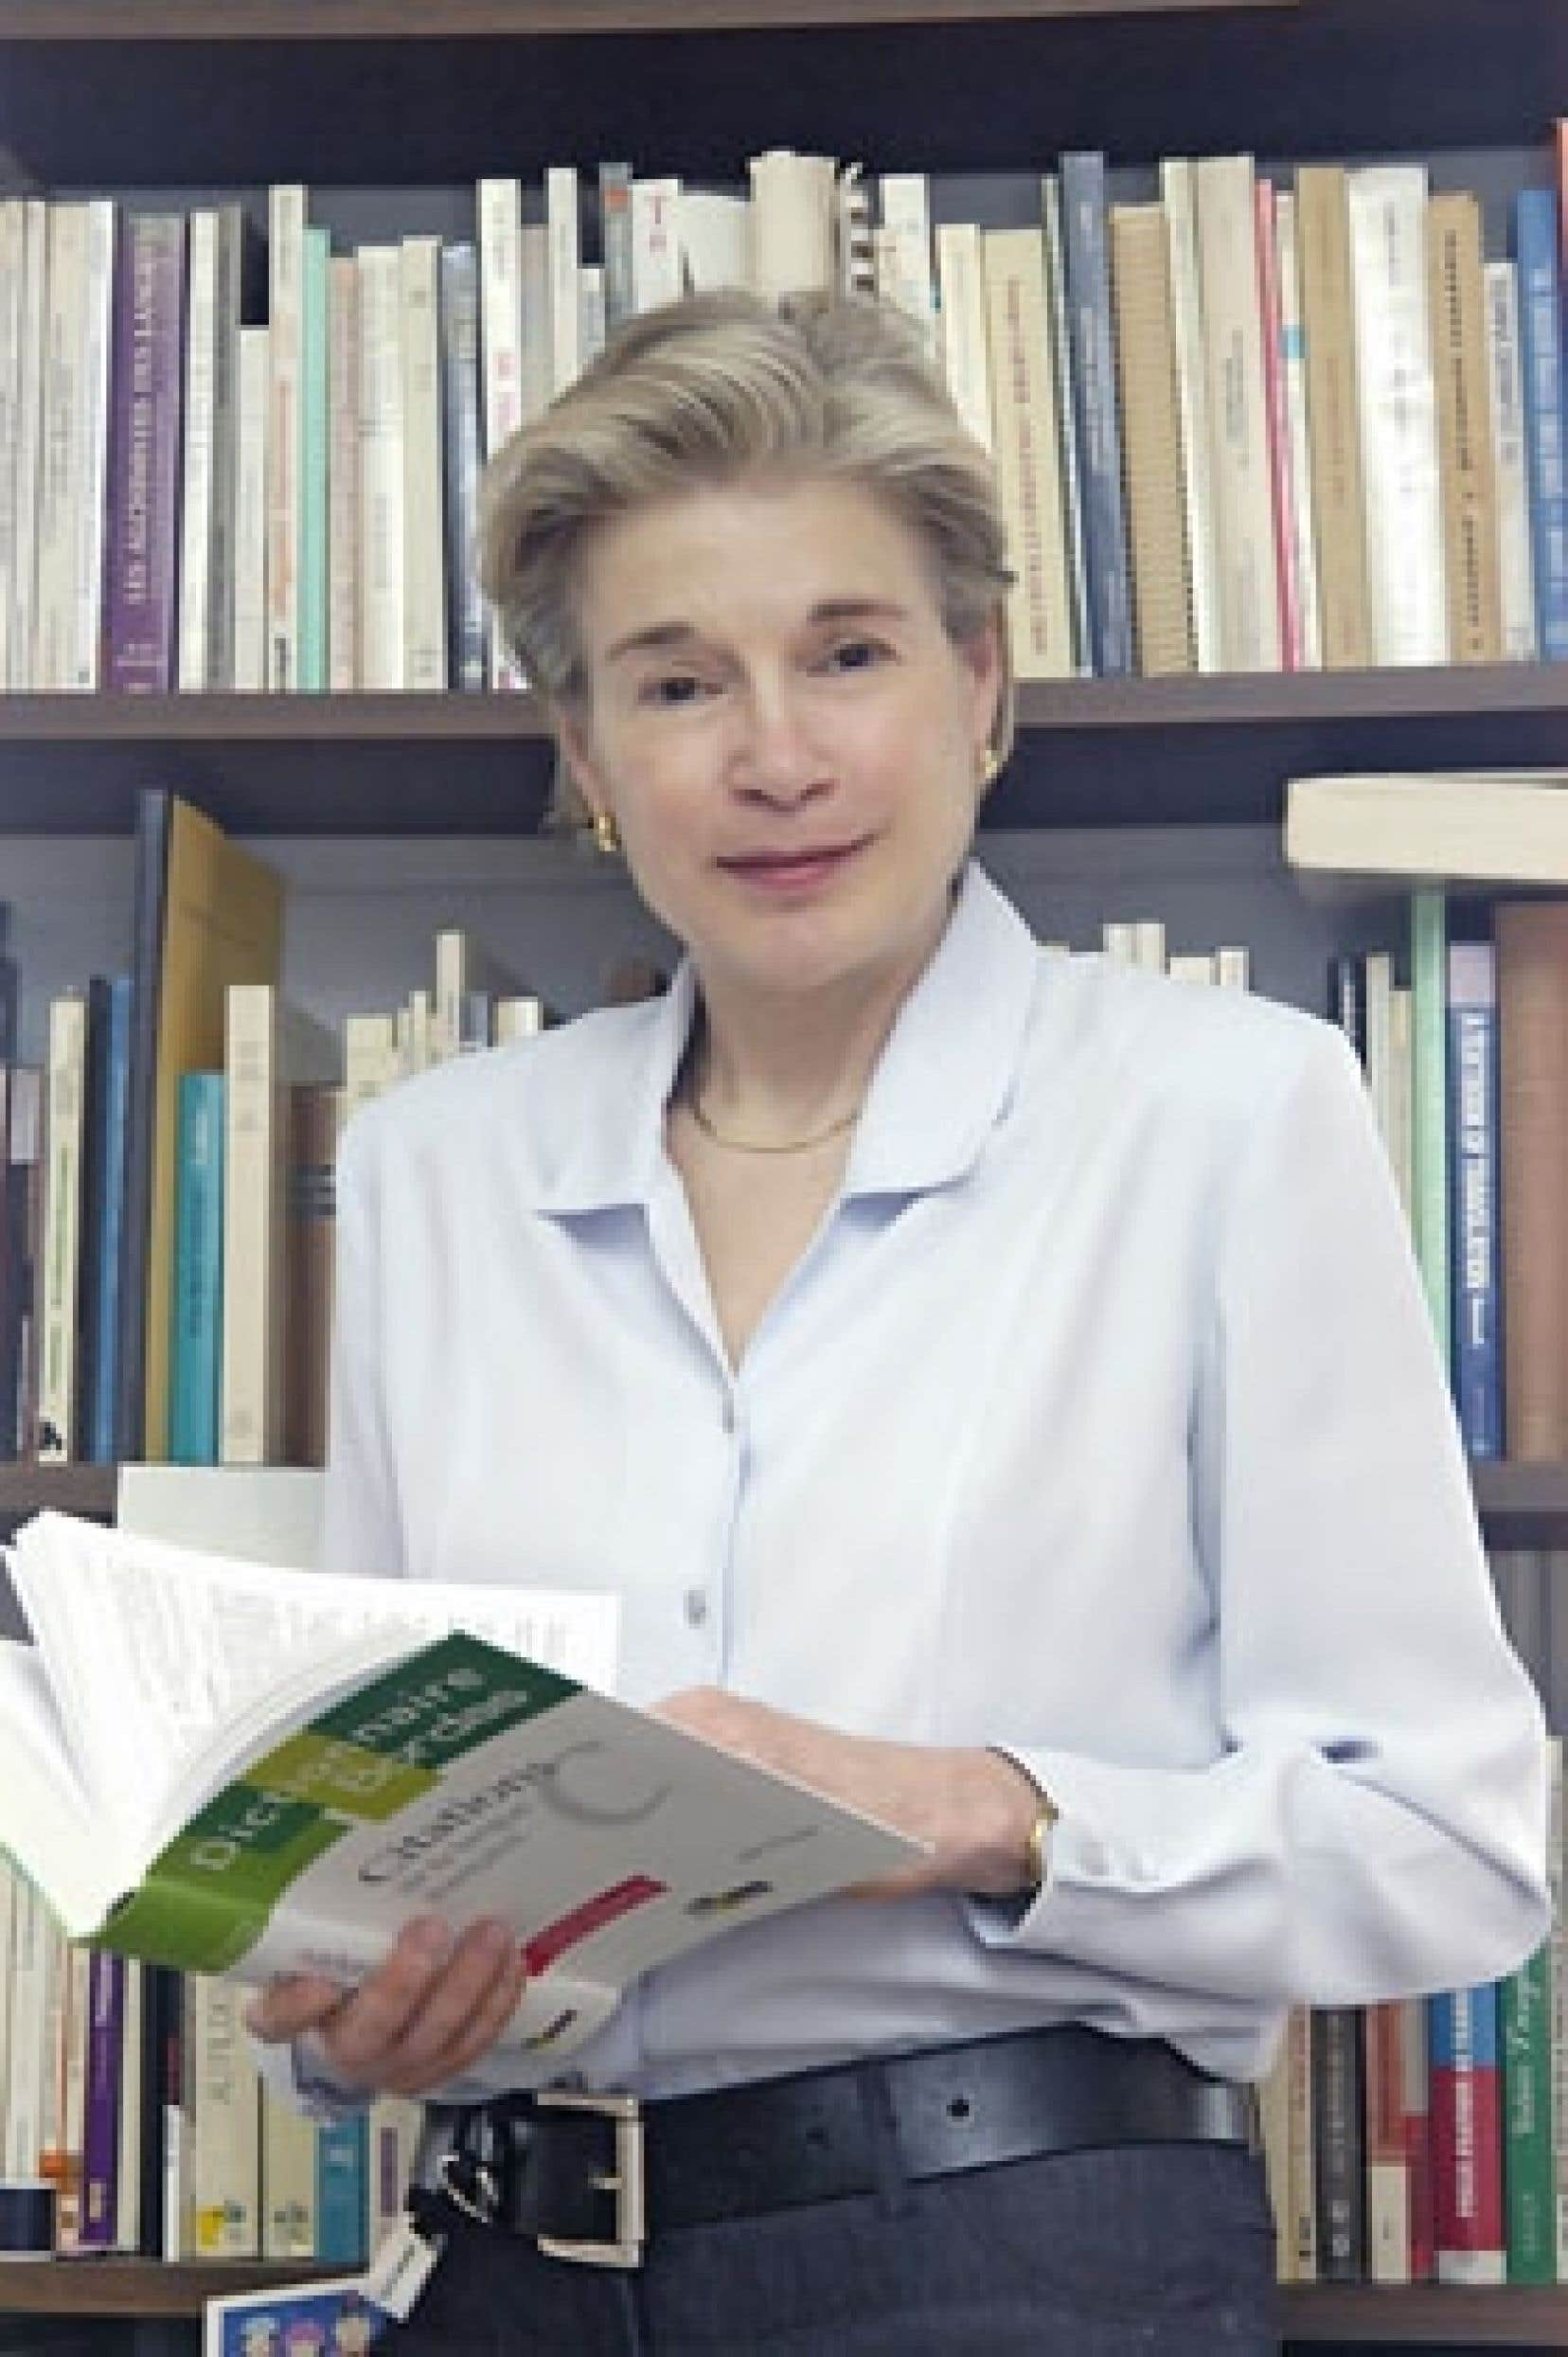 Monique C. Cormier, professeure titulaire au département de linguistique et de traduction de l'Université de Montréal, est la conceptrice de la Journée québécoise des dictionnaires.